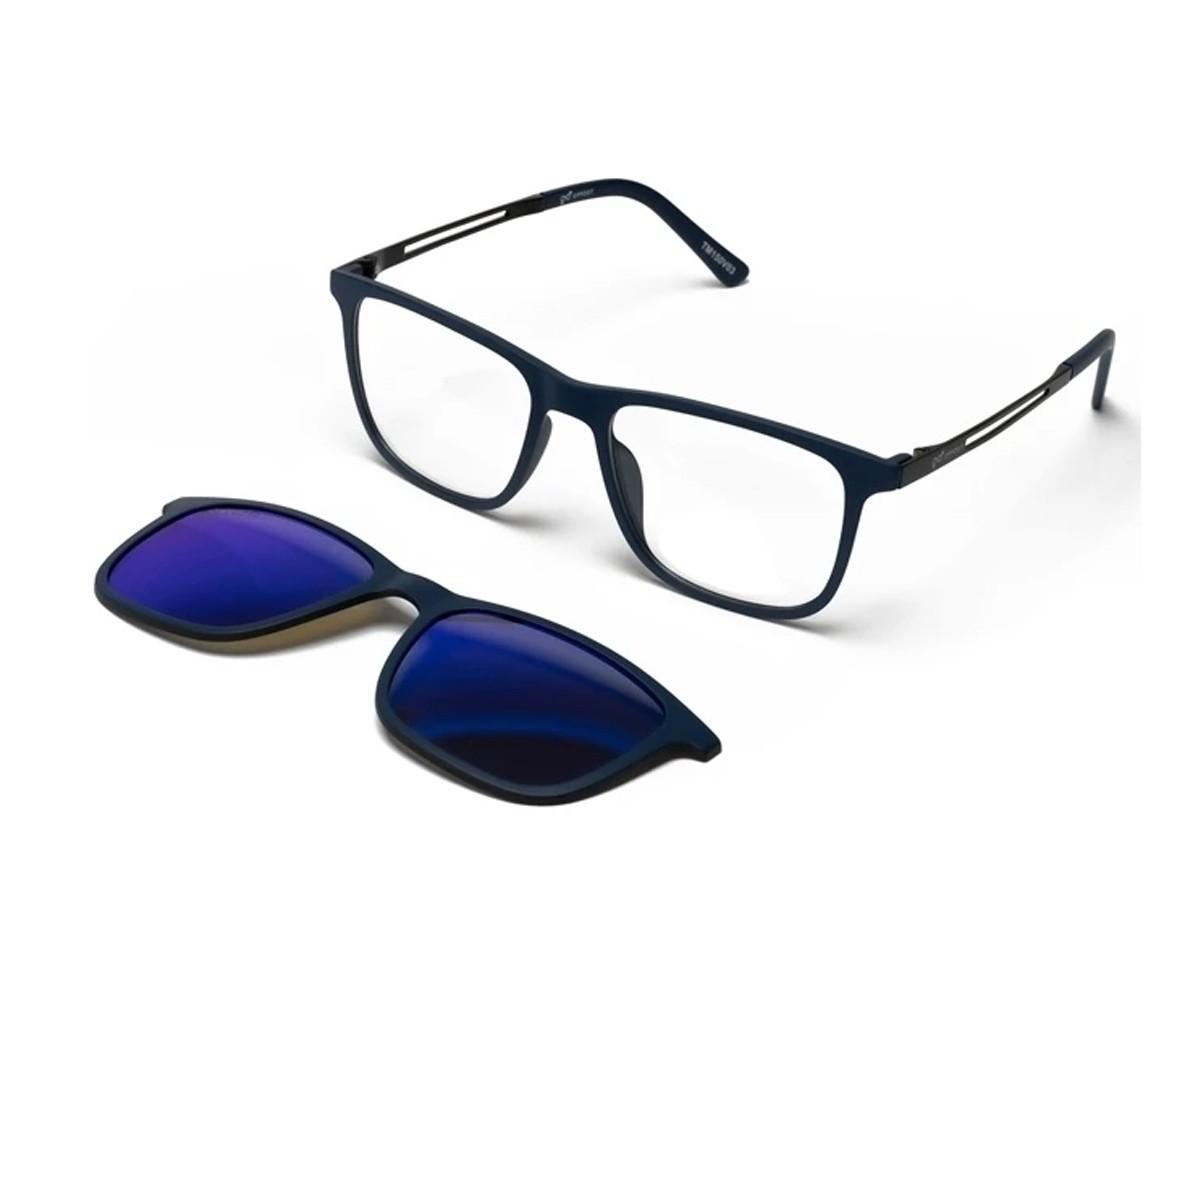 Opposit TM150V | Kids eyeglasses